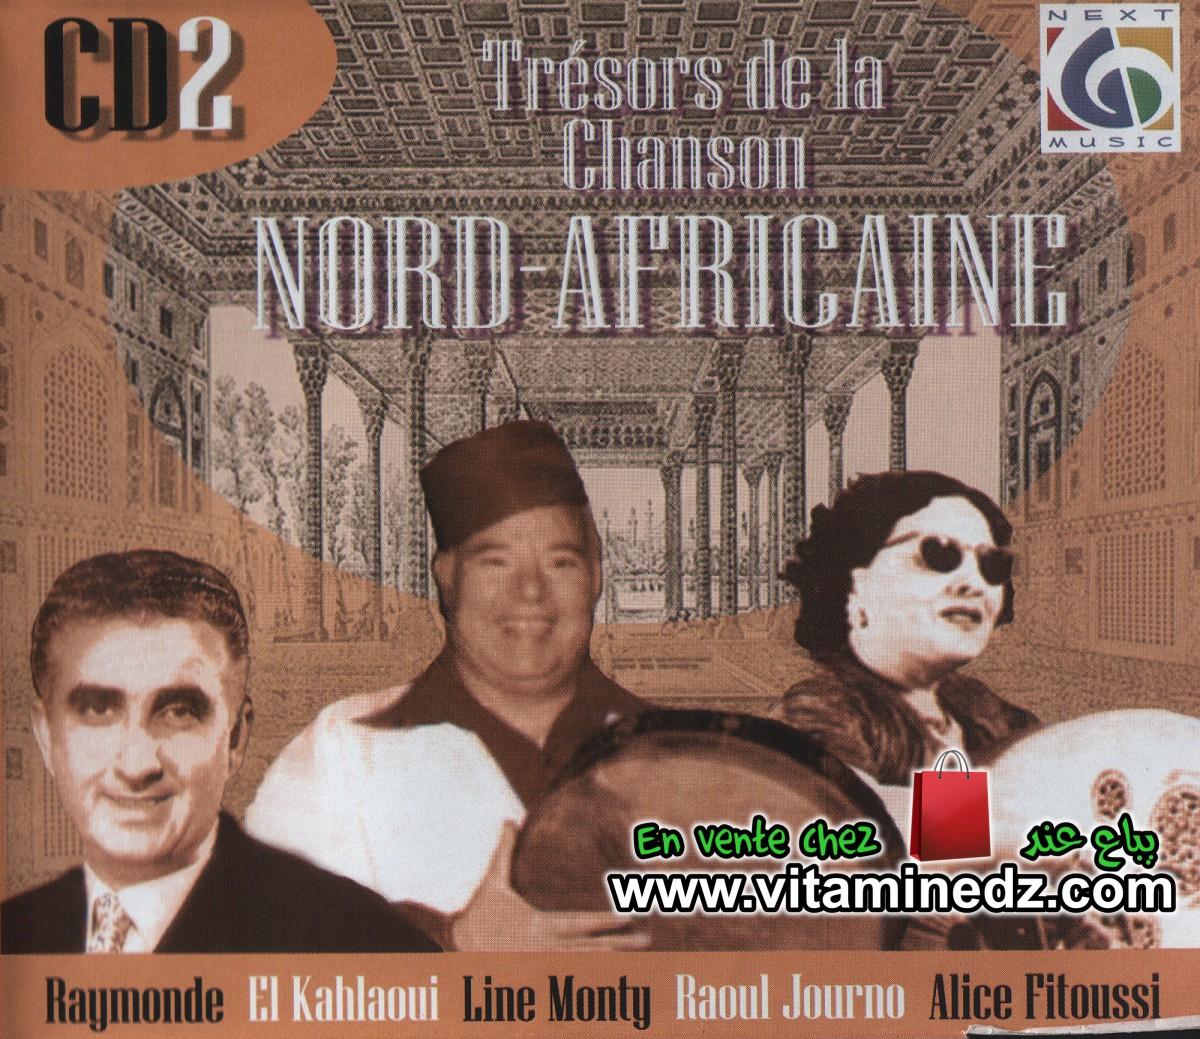 Tr�sors de la chanson Nord-Africaine - CD02